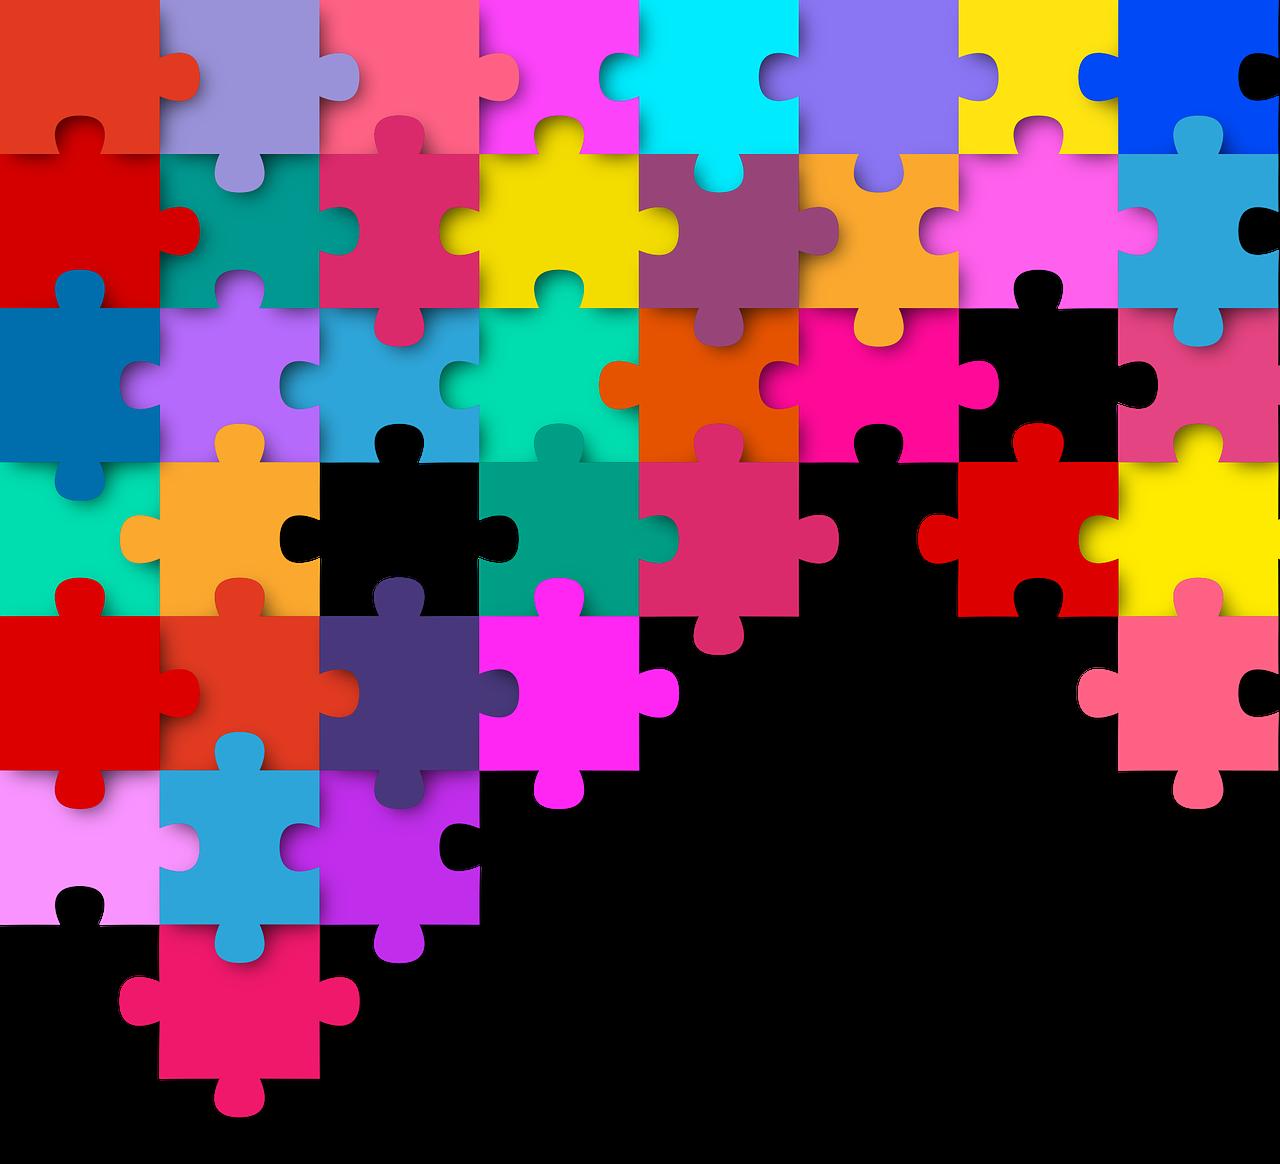 Delta i delaktighet – svara på enkäten om delaktiggörande